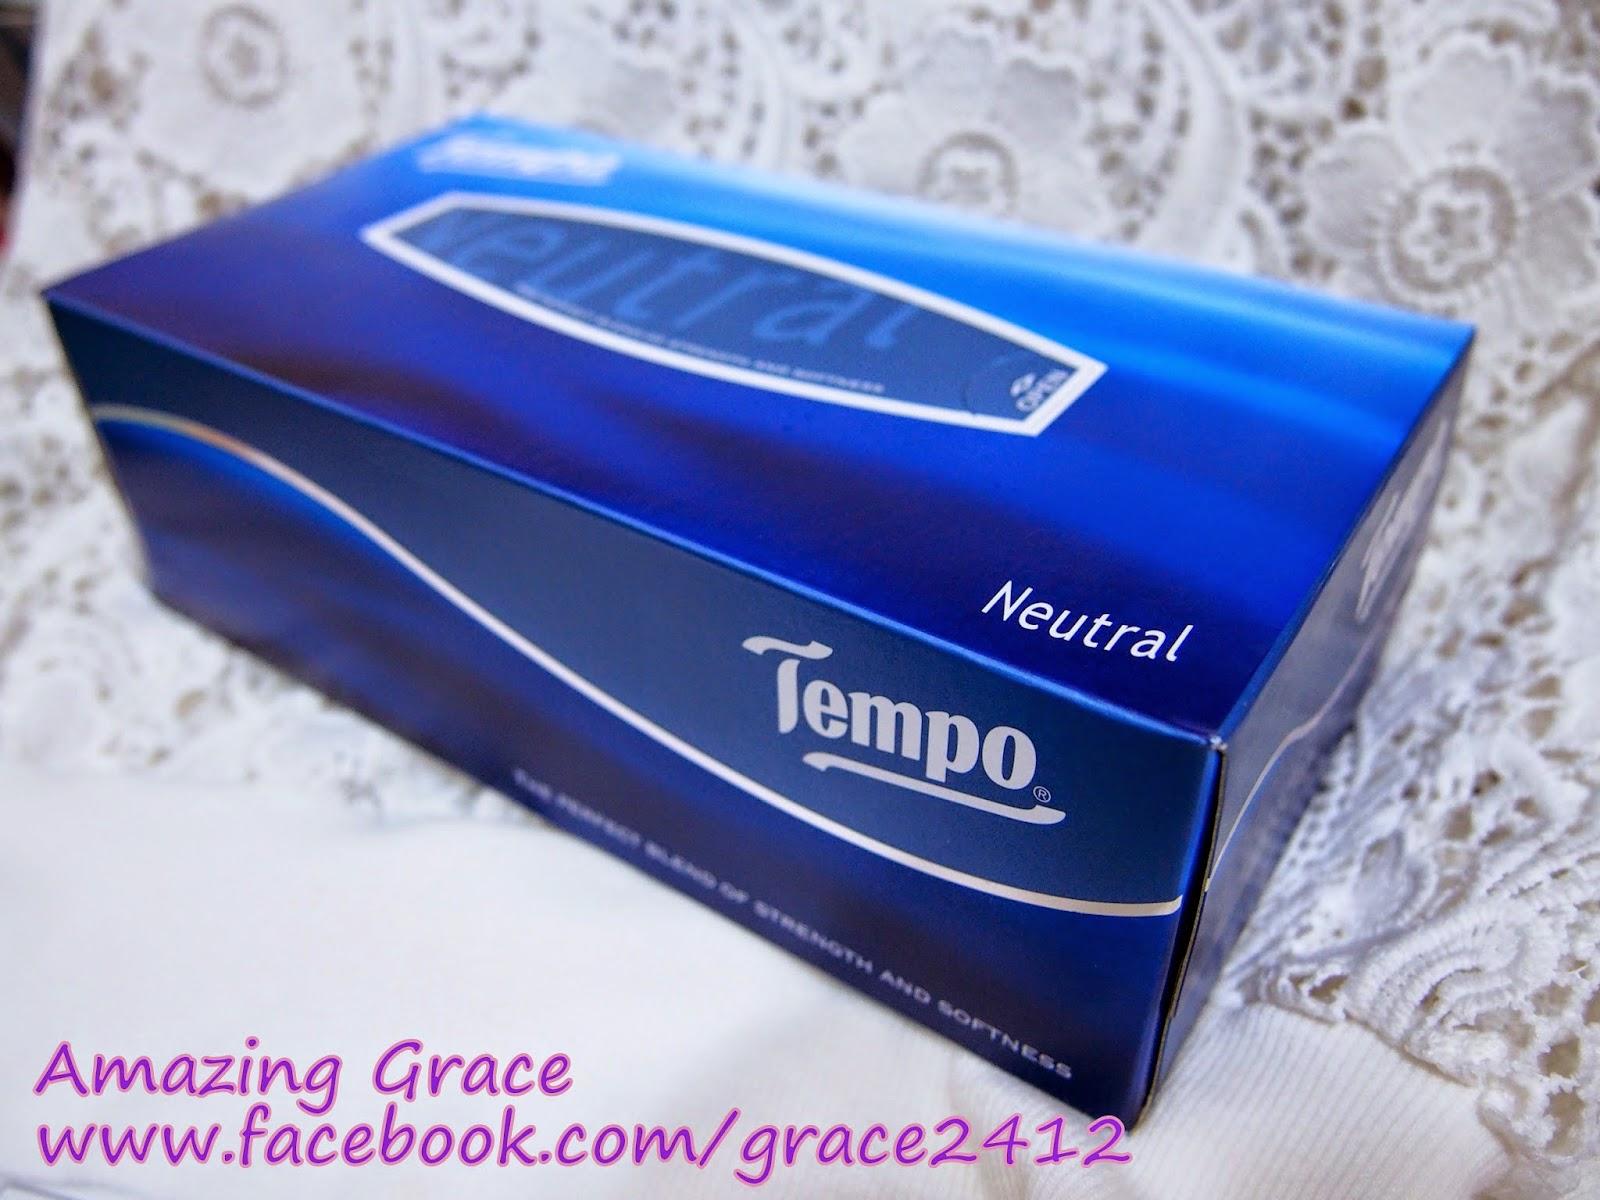 潔淨又衛生 ♥ Tempo盒裝紙巾 : Amazing Grace